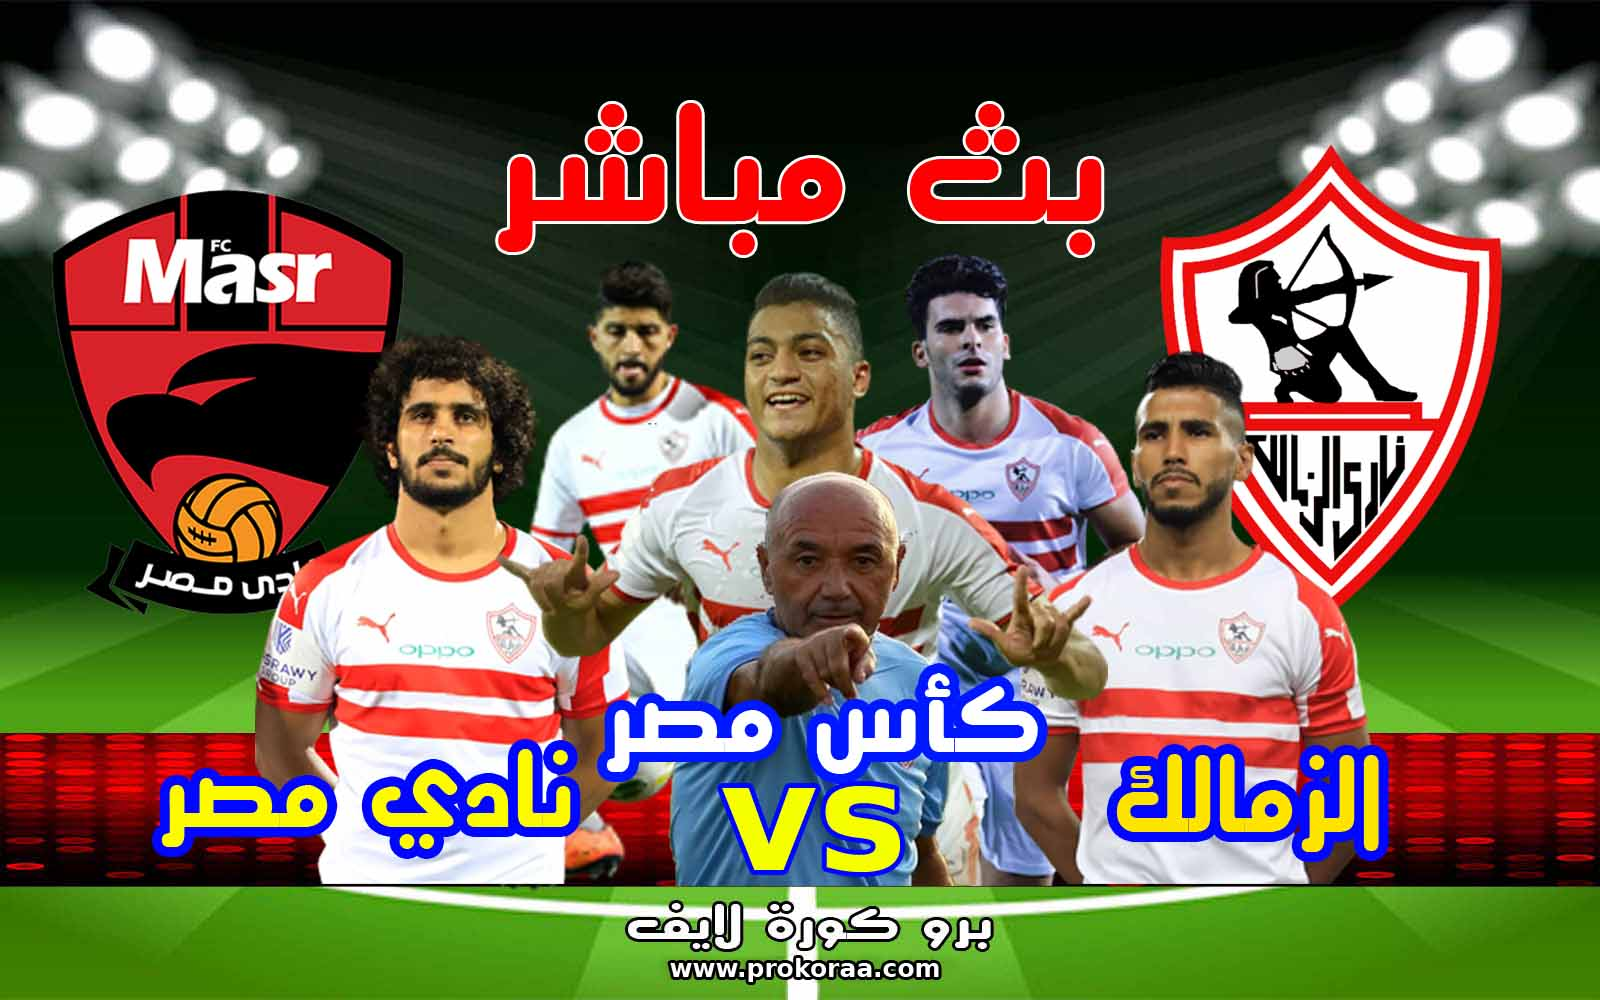 مشاهدة مباراة الزمالك ونادي مصر بث مباشر